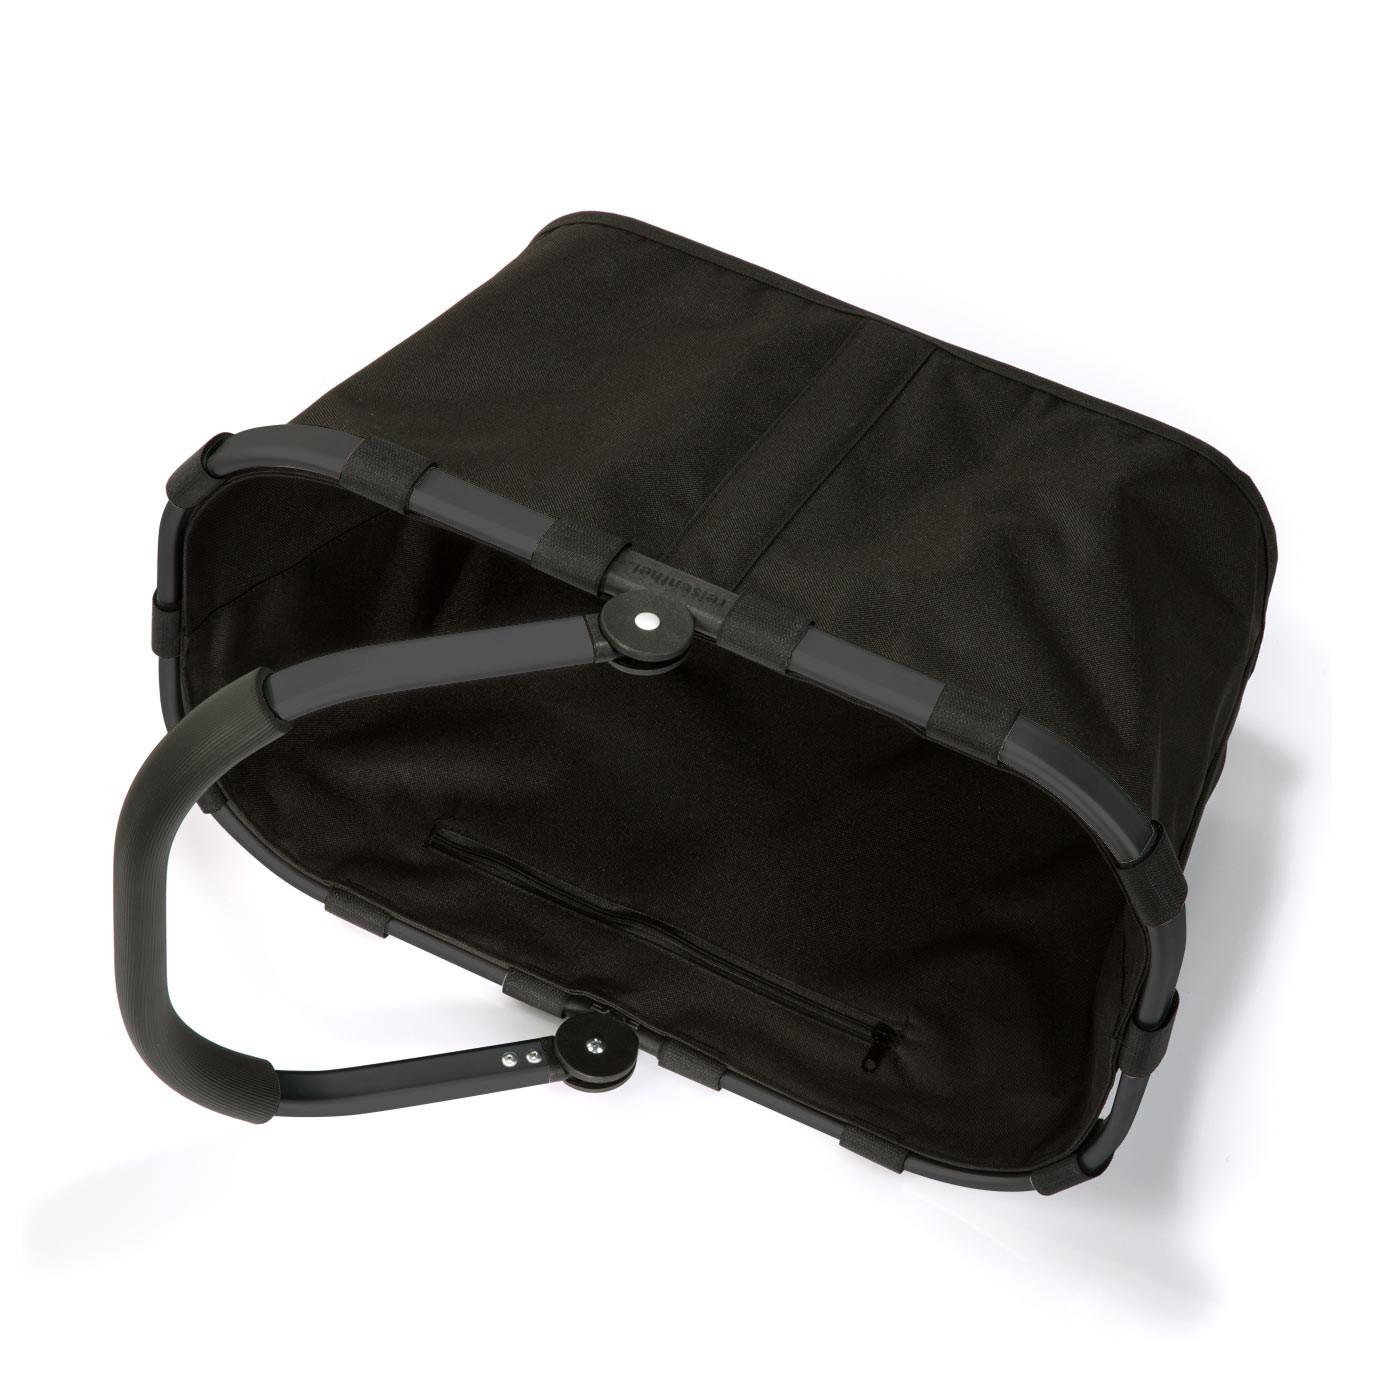 carrybag Einkaufskorb 22l - Schwarz mit schwarzem Rahmen